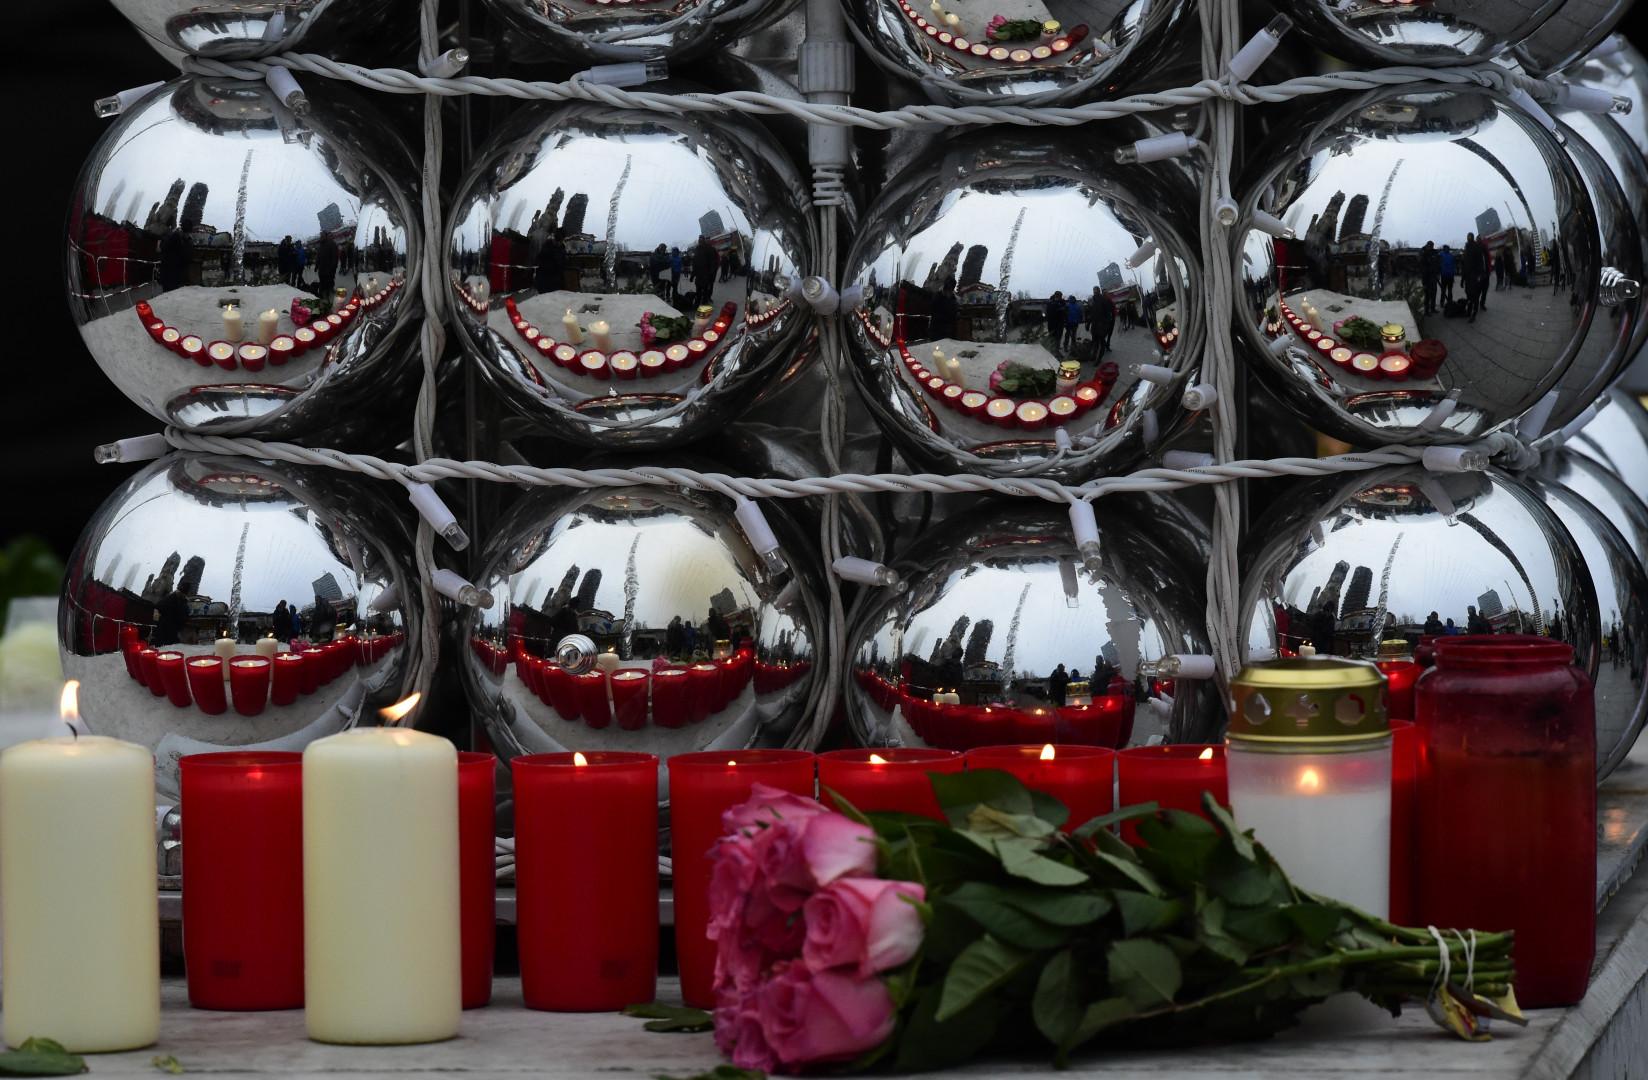 Des fleurs sont déposées en hommage aux victimes de l'attentat de Berlin, près du marché de Noël, le 20 décembre 2016.